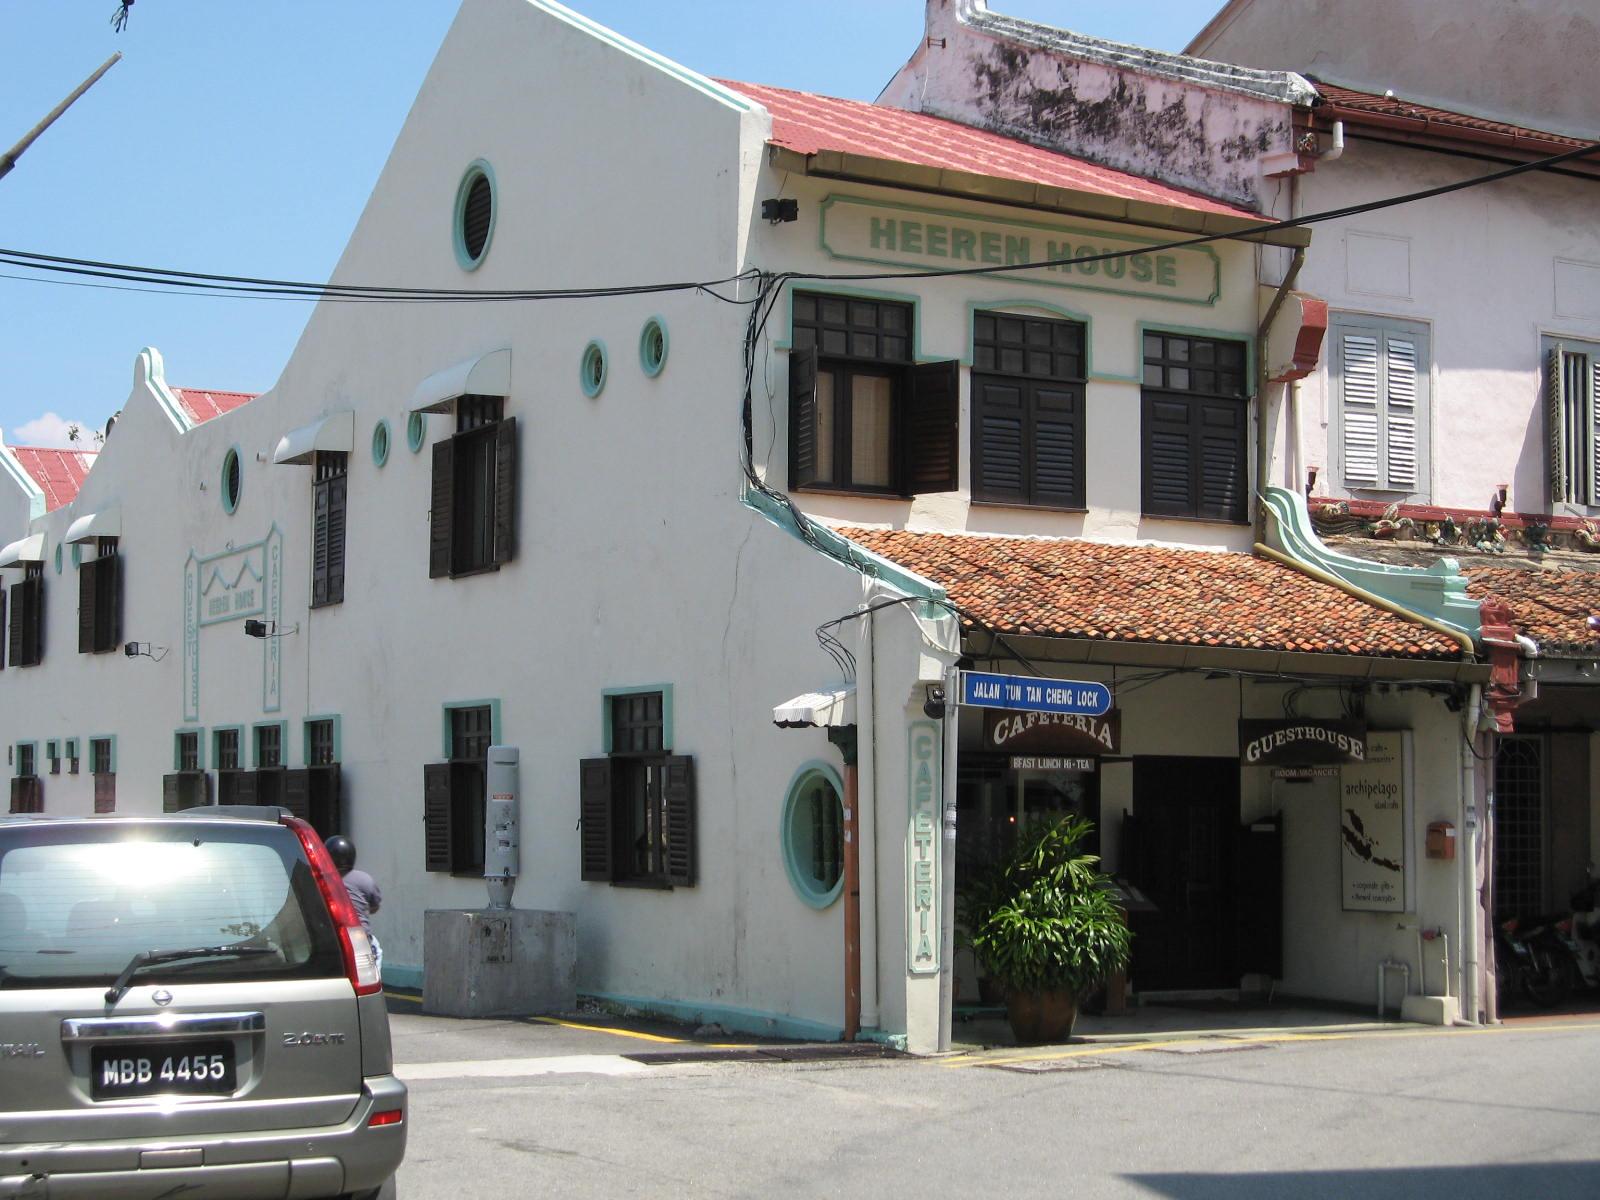 Heeren House